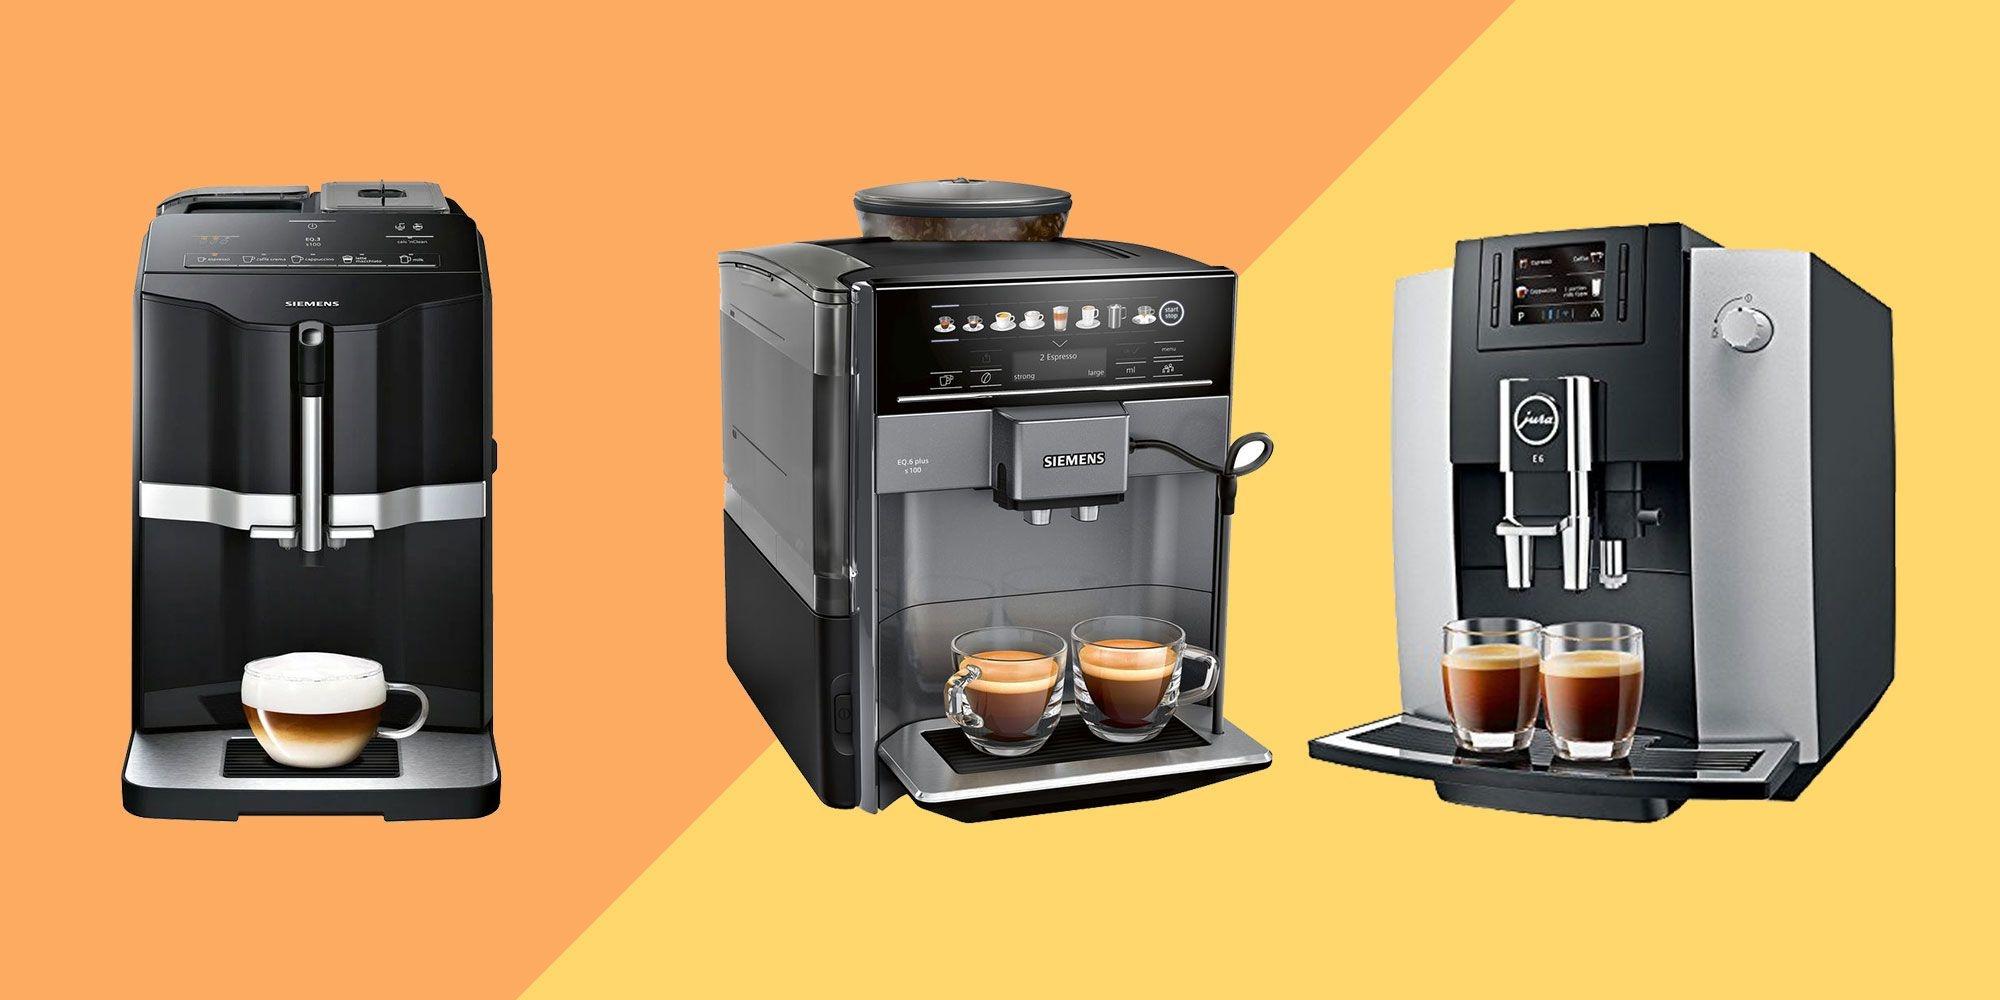 Ontkalkingstabletten voor jouw koffiemachine